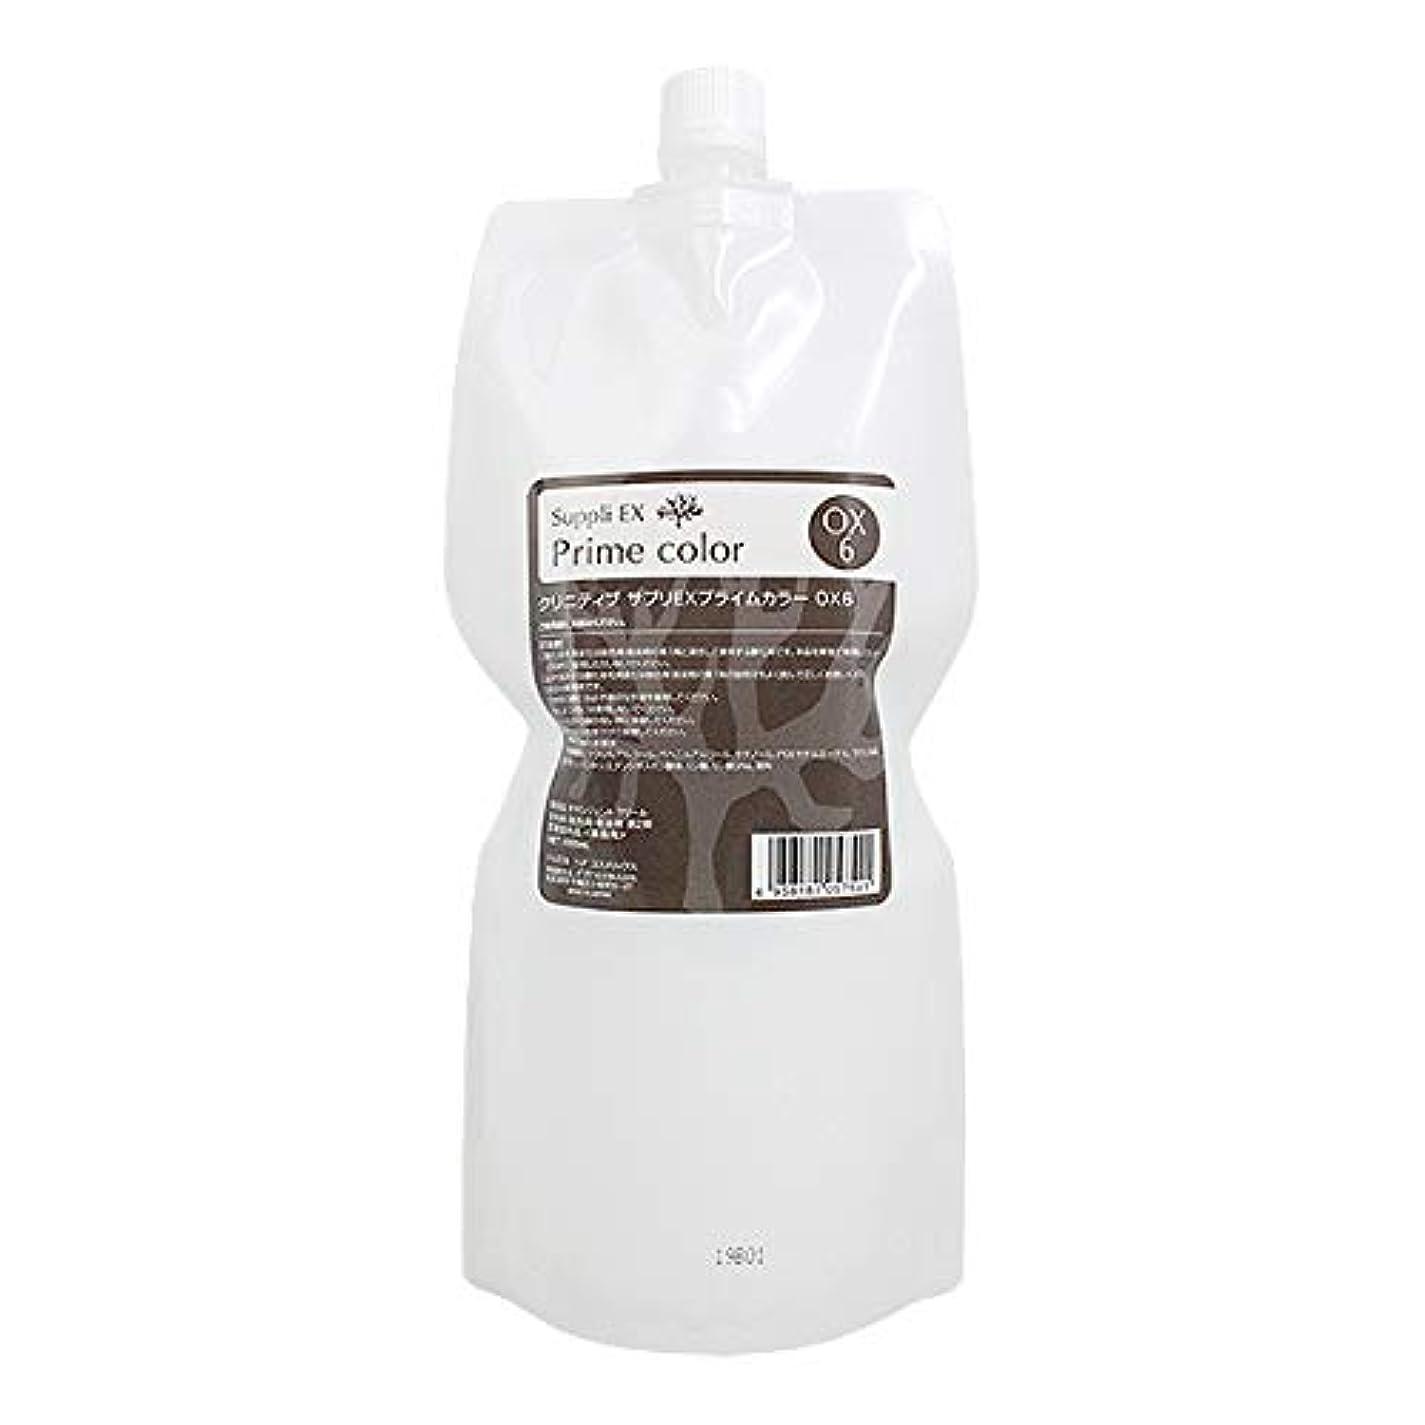 ティーム正直ネコイリヤ化学 クリニティブ サプリEXプライムカラー アテンド(染毛補助クリーム) 300g